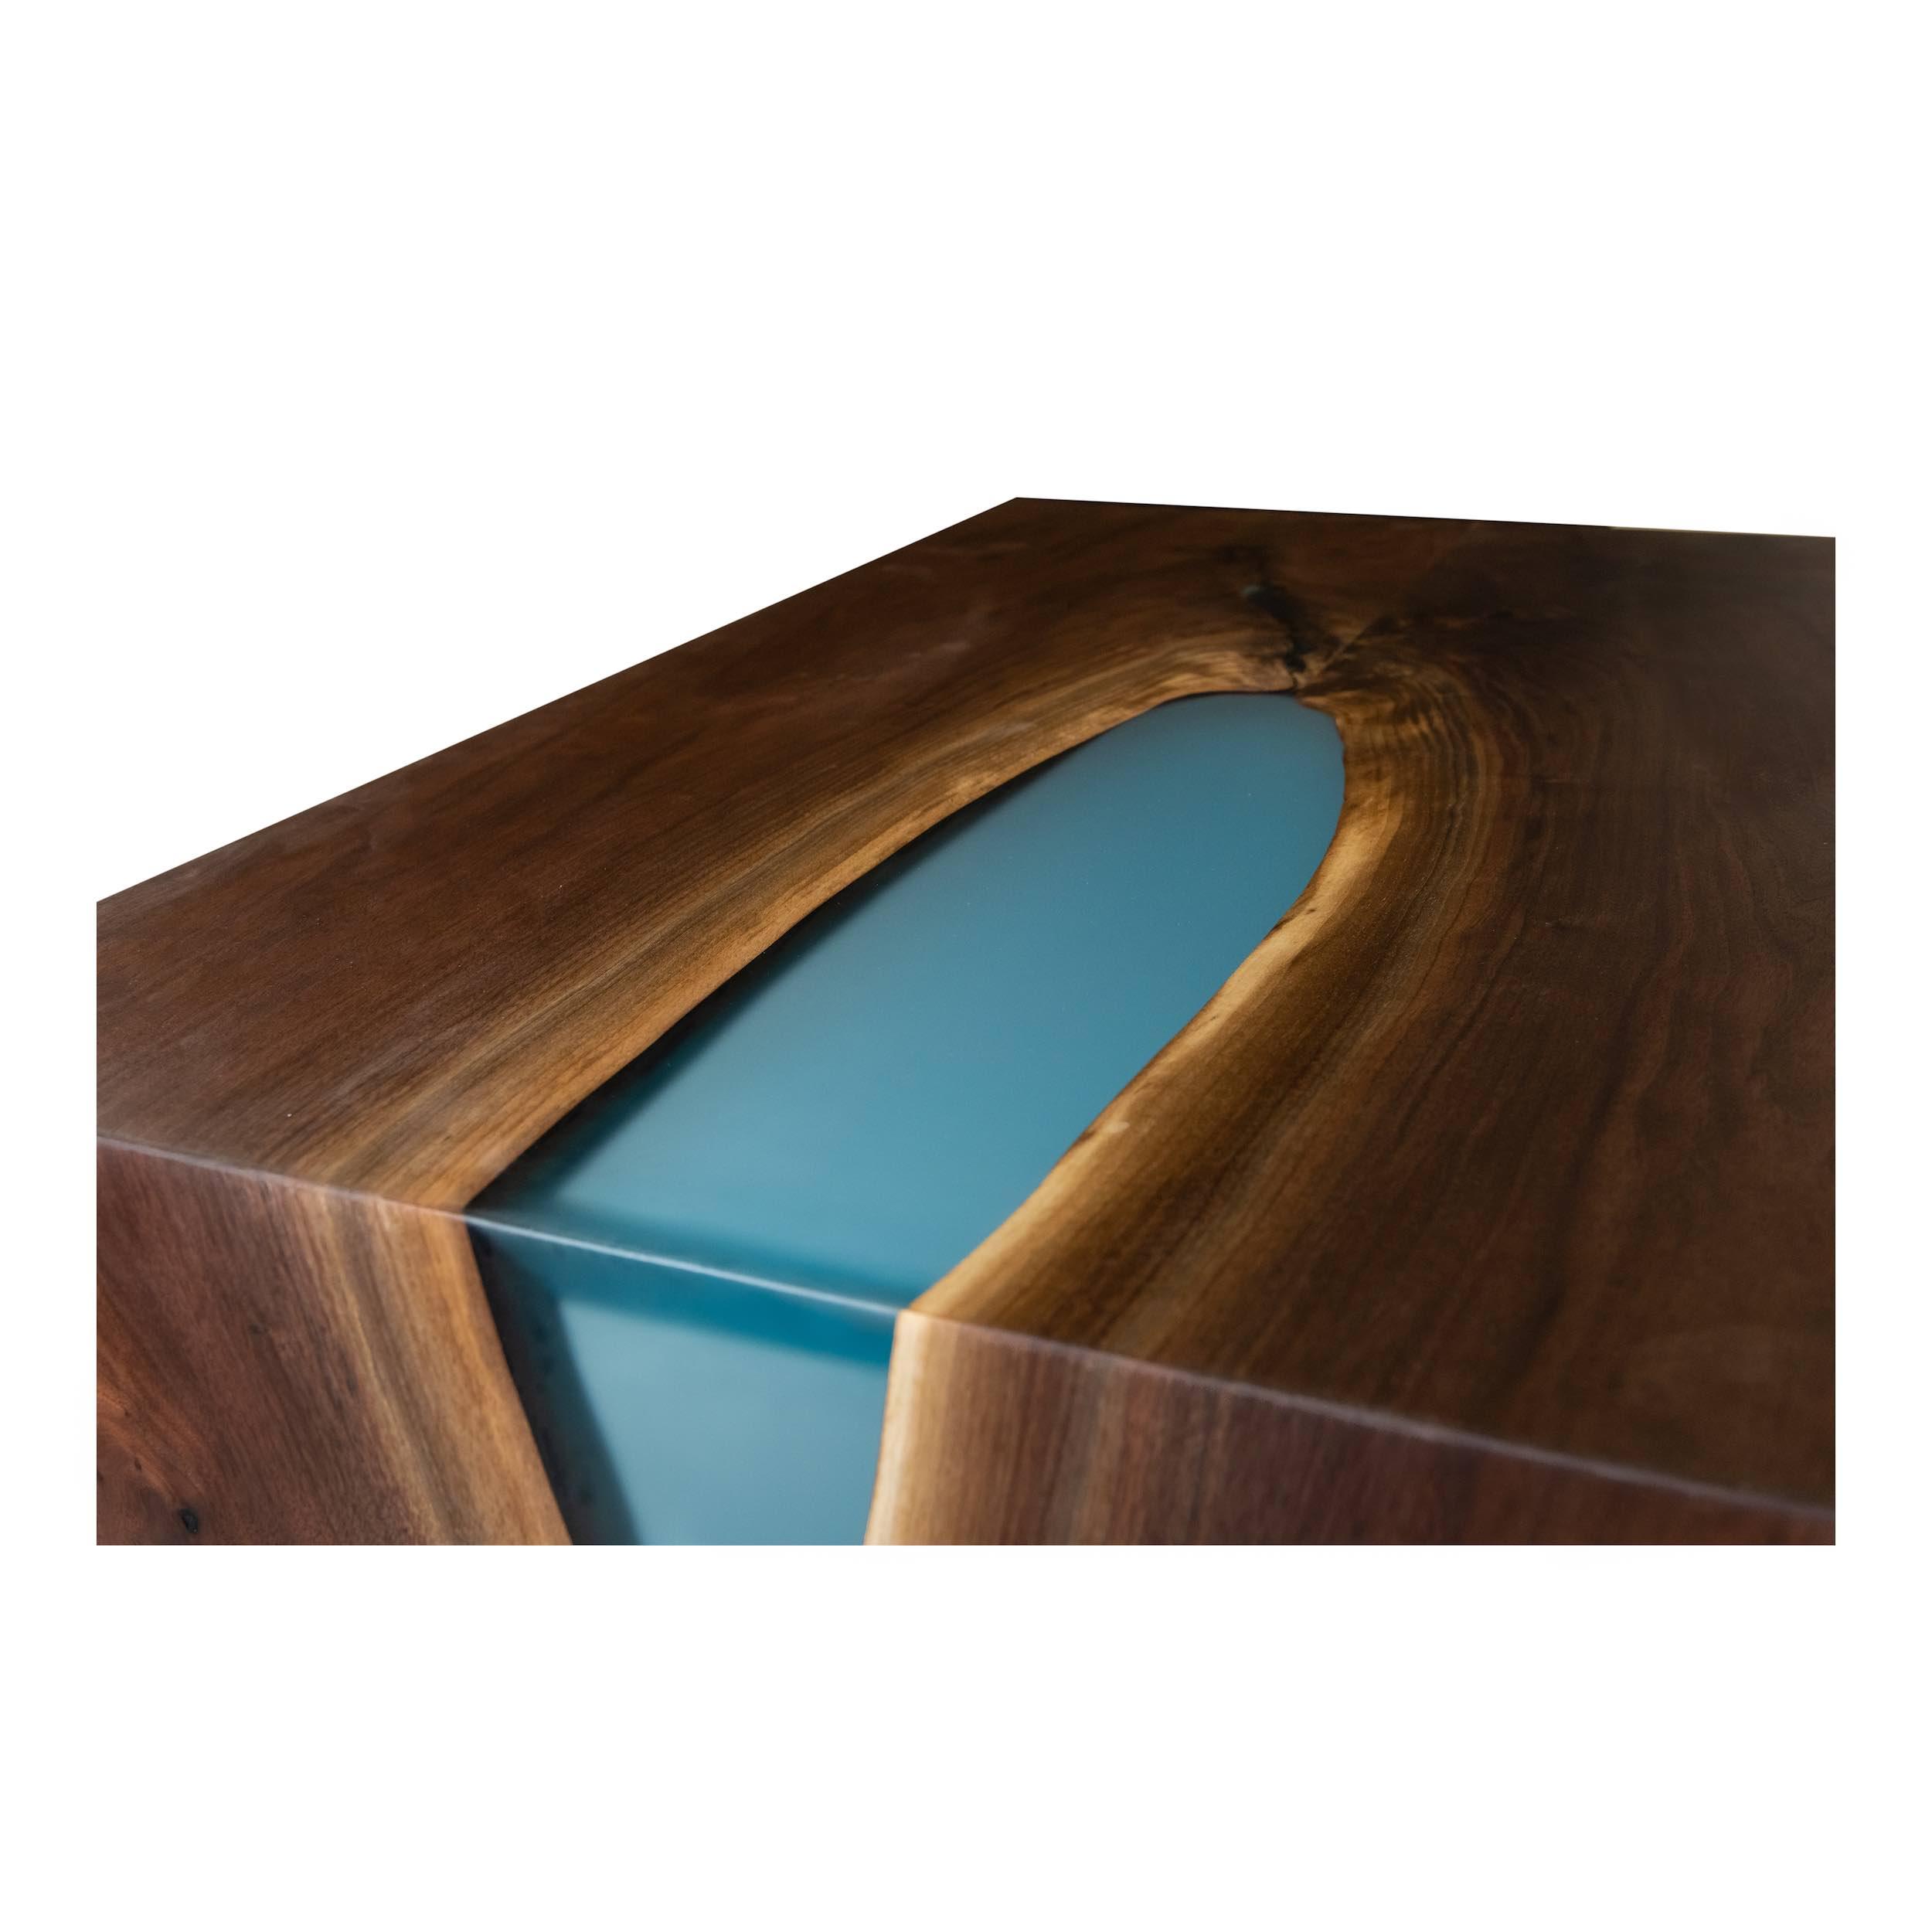 Woodcraft_Furniture_ResinWaterfallCoffeeTable-8.jpeg